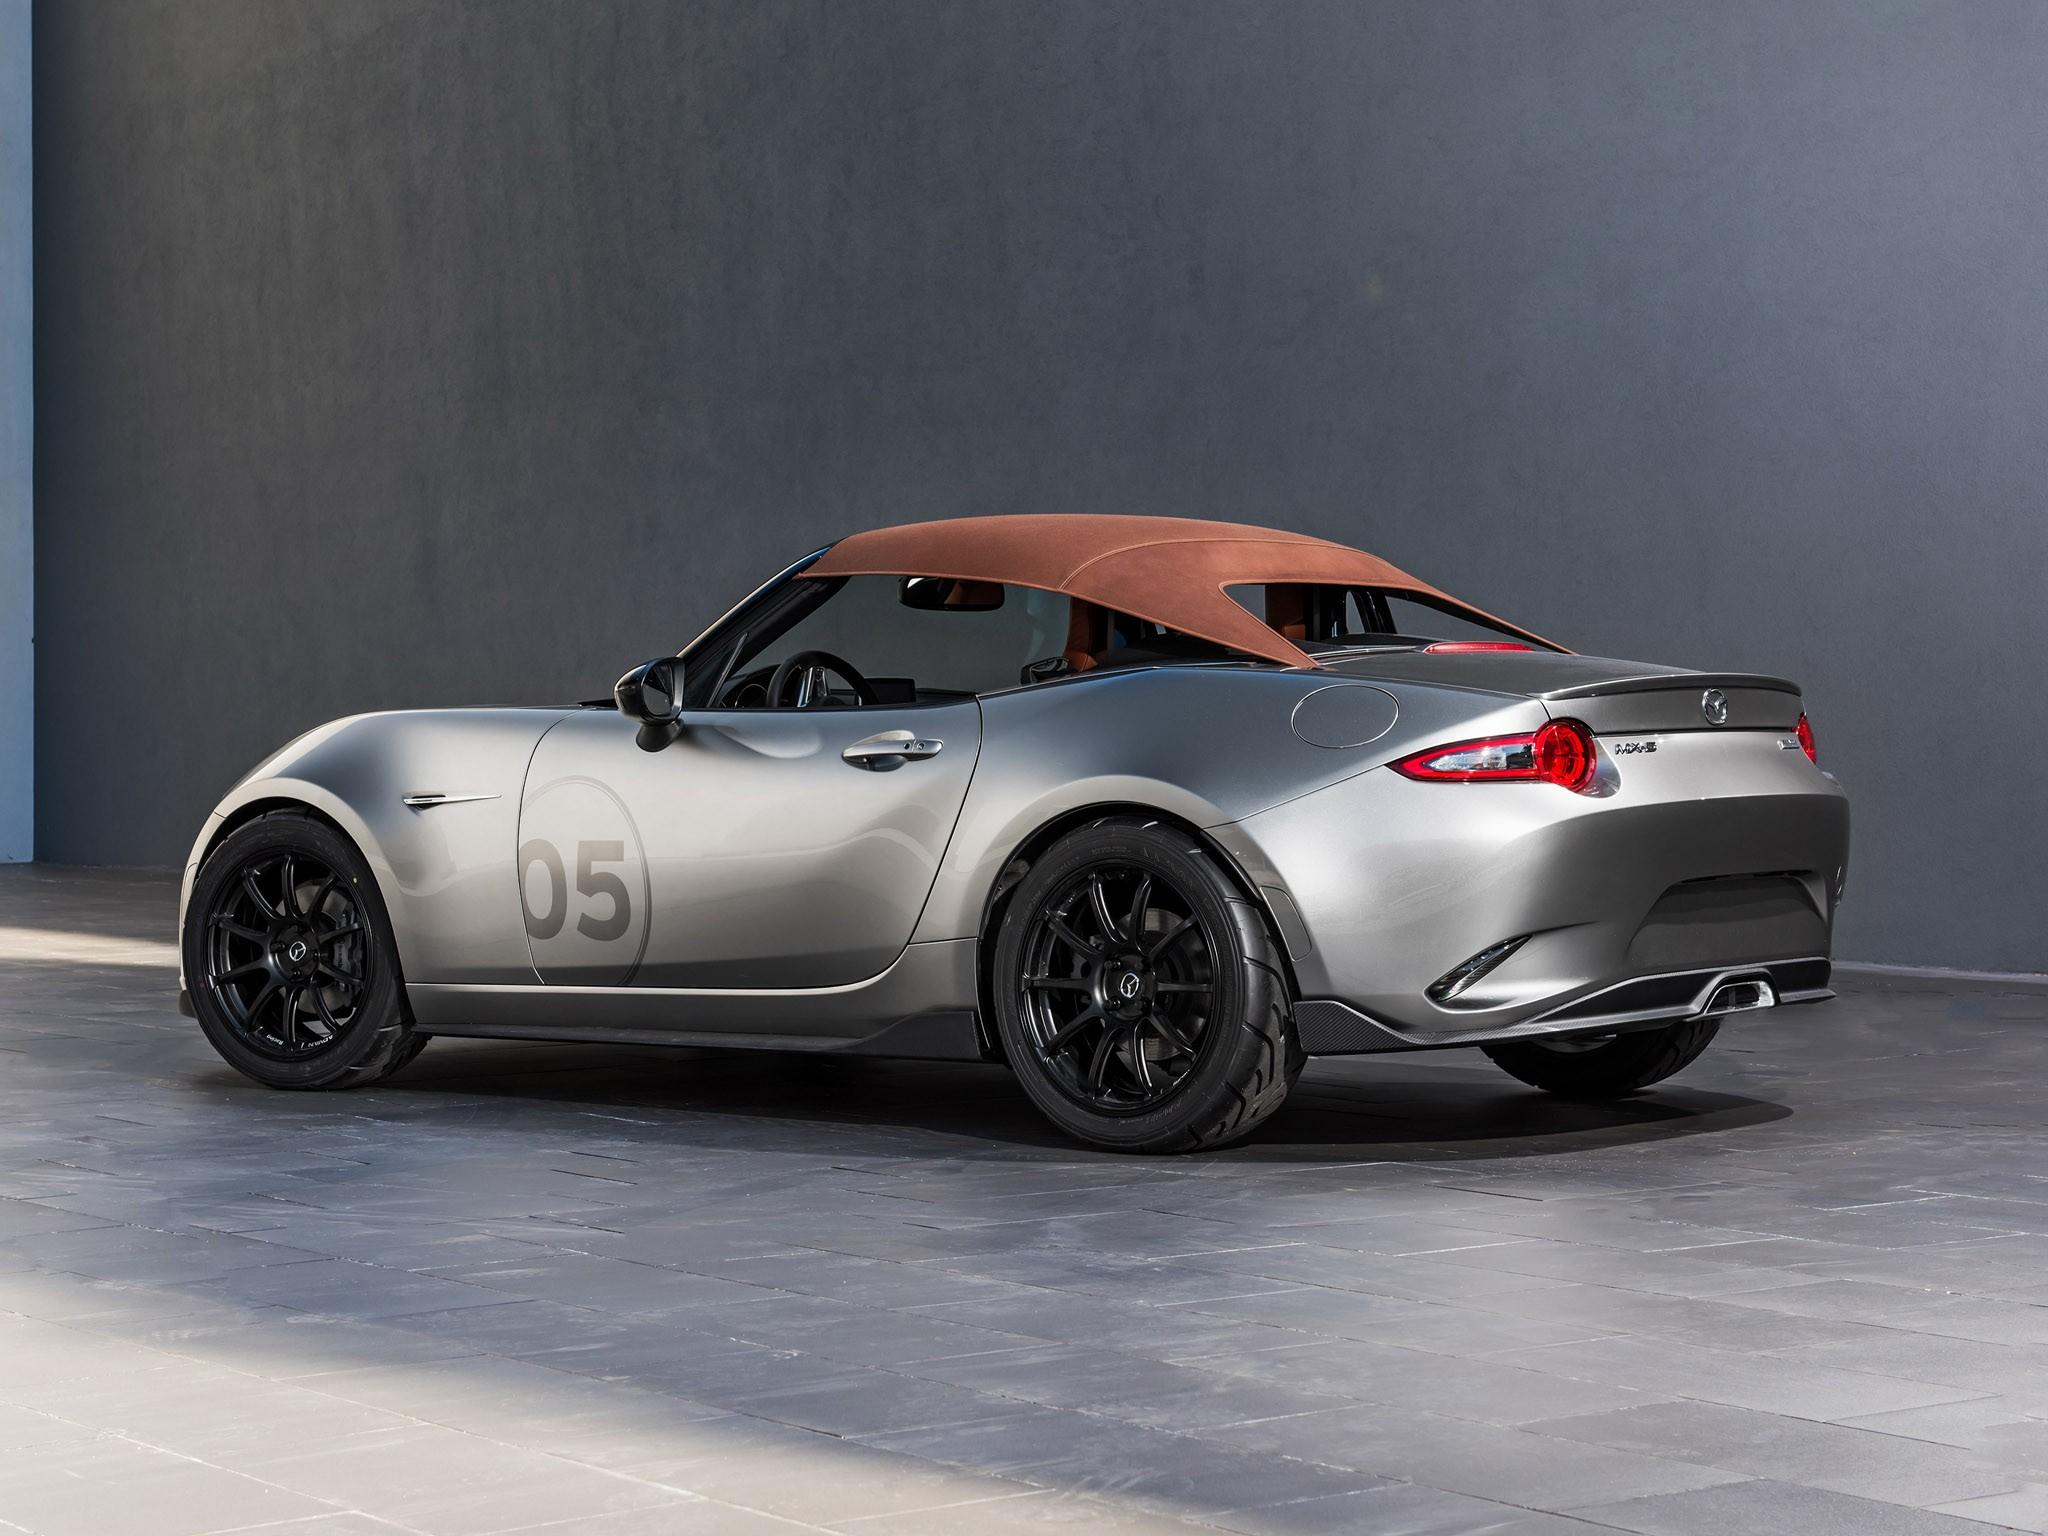 2015 Mazda MX-5 Spyder Concept